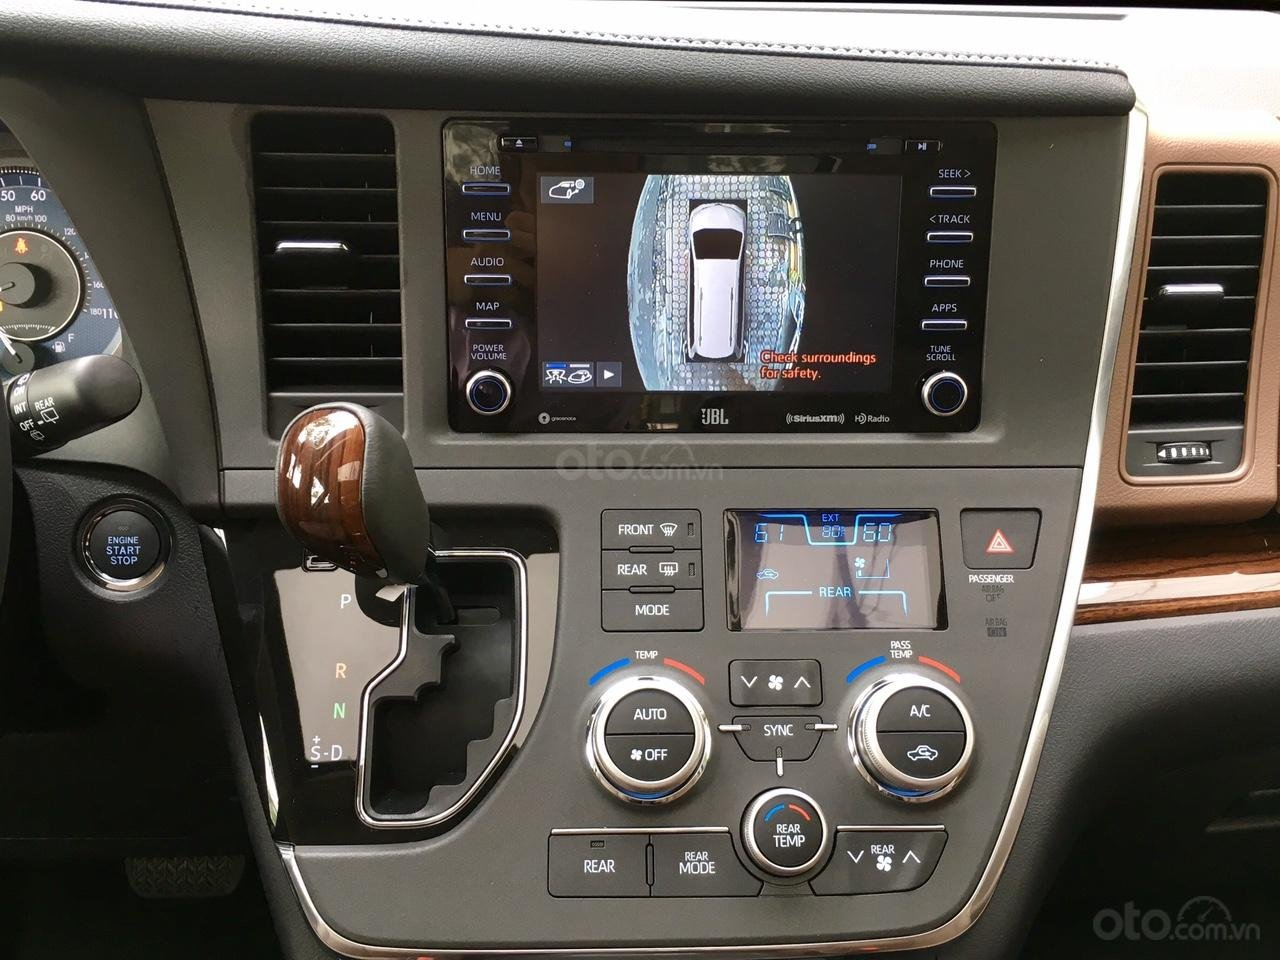 Bán Toyota Sienna Limited 2020 bản 1 cầu, giá tốt, nhập Mỹ giao ngay toàn quốc- LH 0945.39.2468 Ms Hương (20)